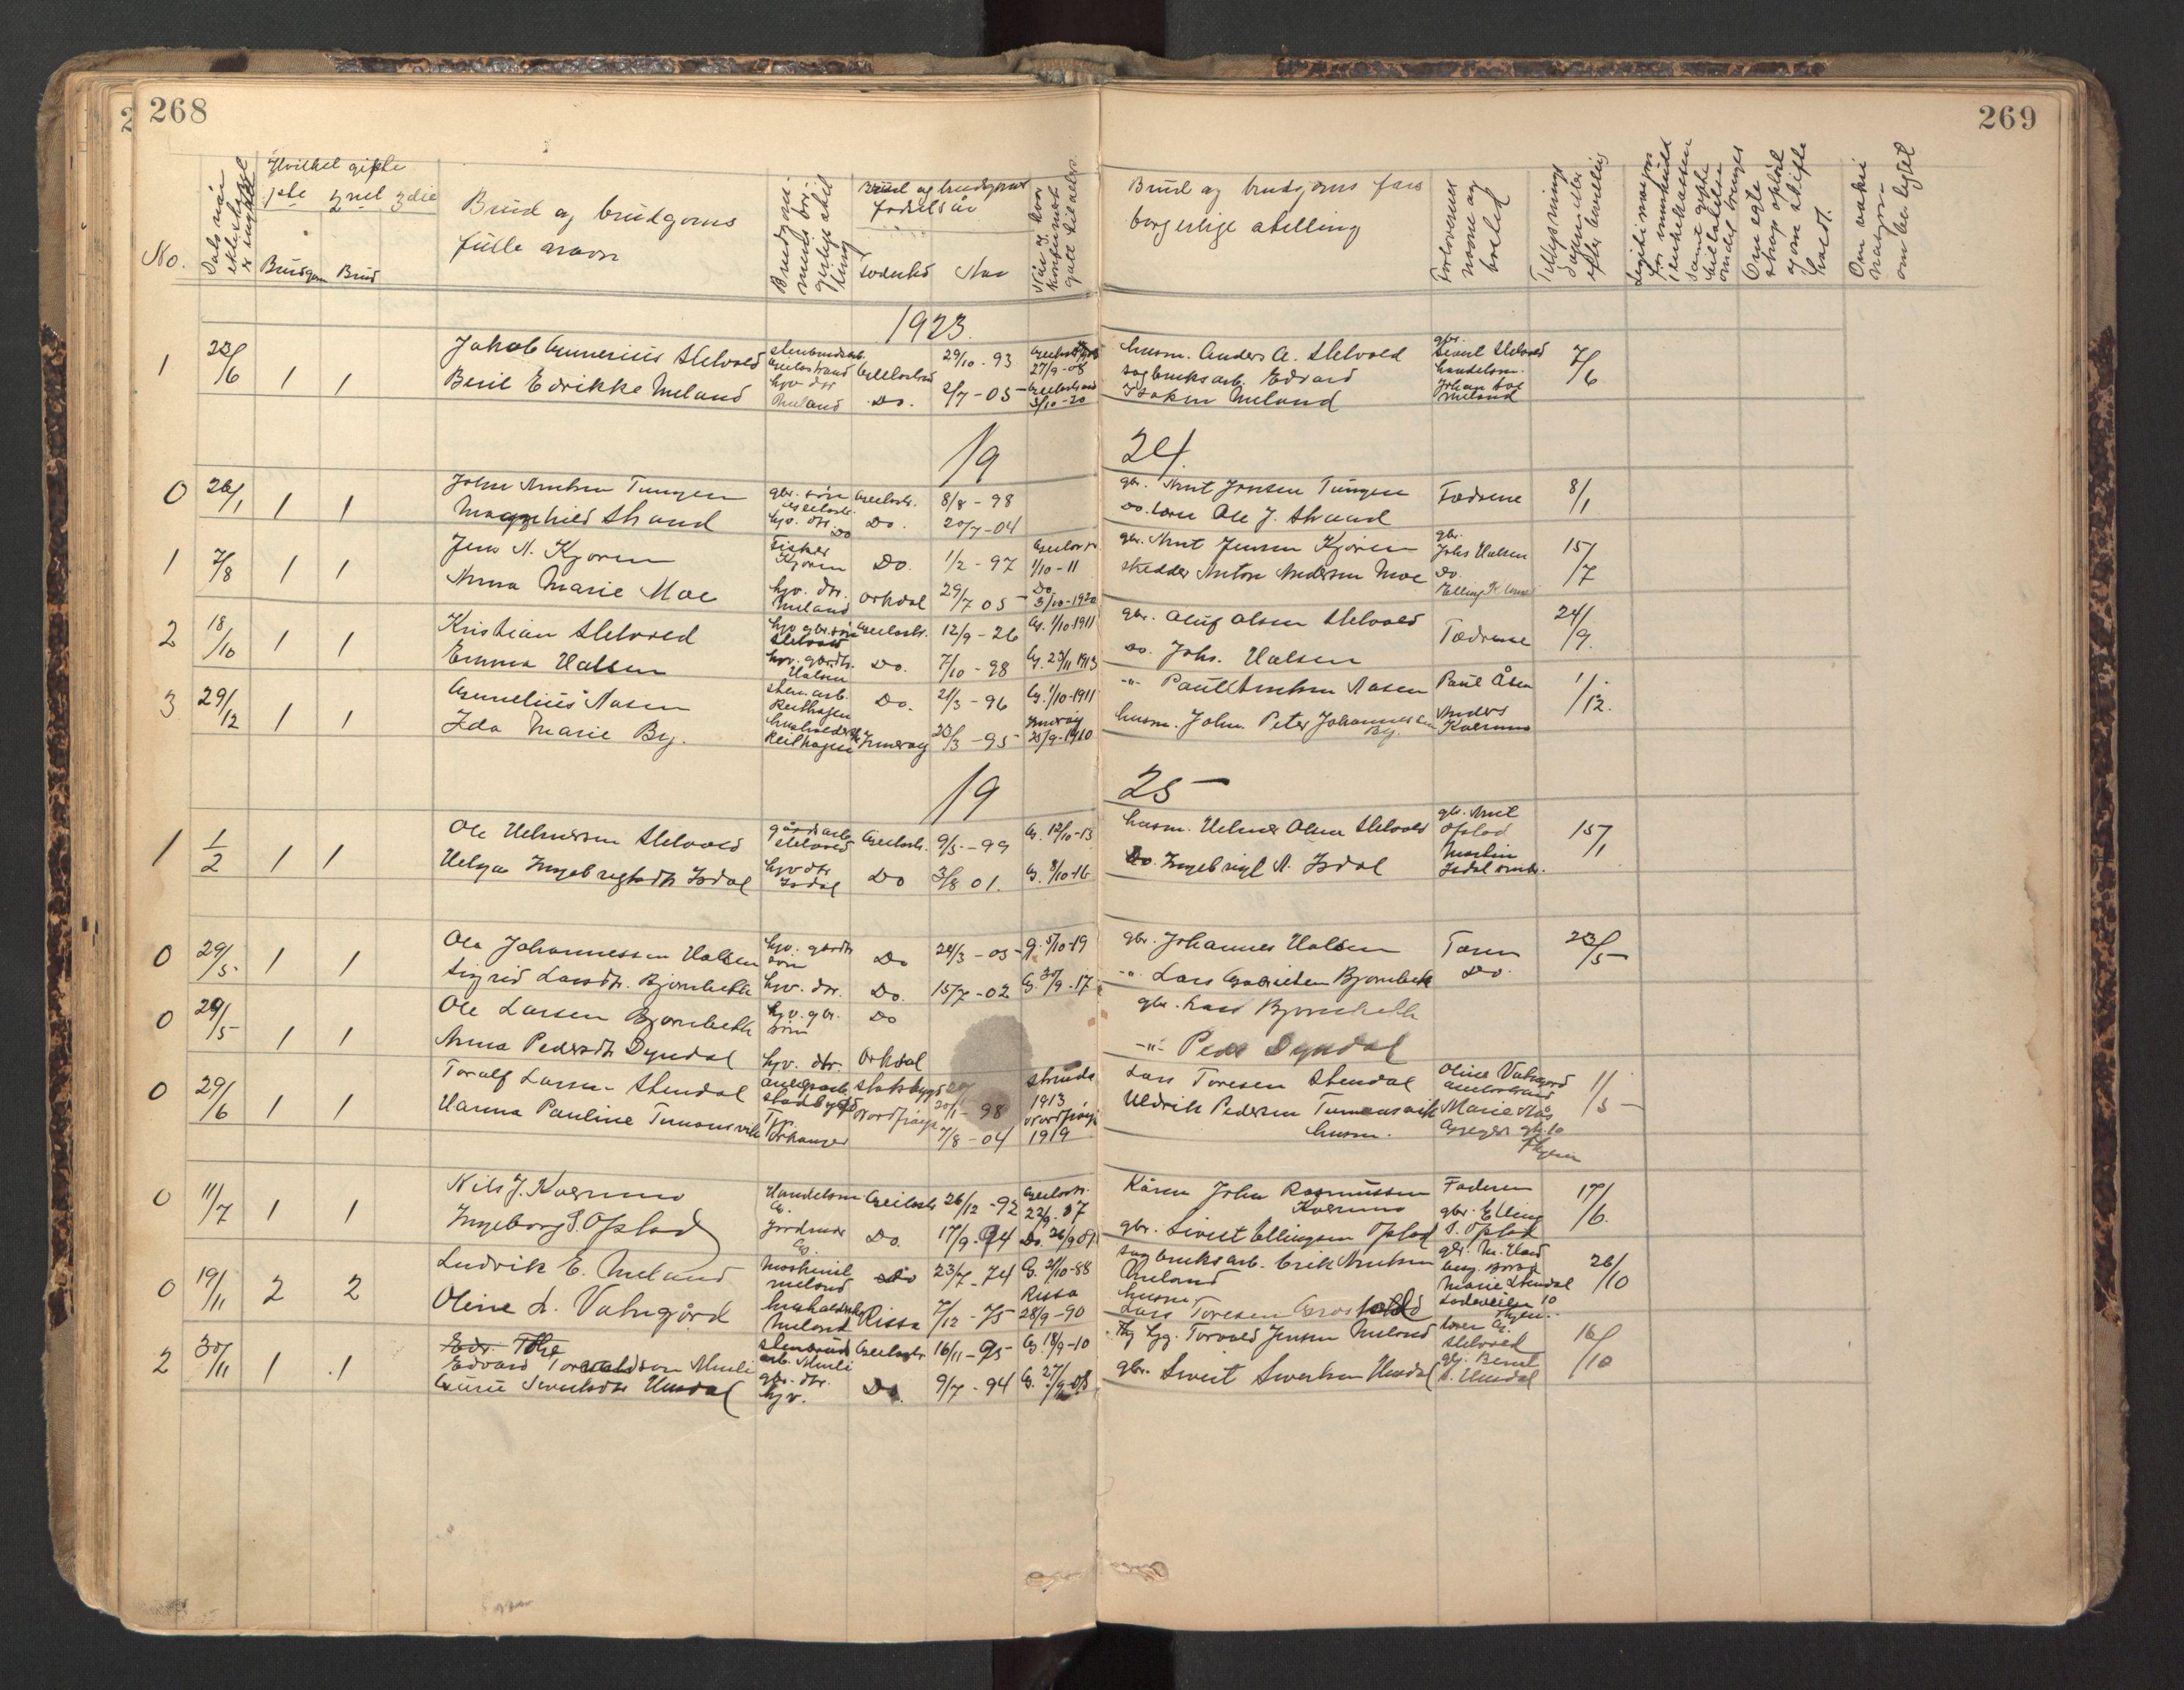 SAT, Ministerialprotokoller, klokkerbøker og fødselsregistre - Sør-Trøndelag, 670/L0837: Klokkerbok nr. 670C01, 1905-1946, s. 268-269